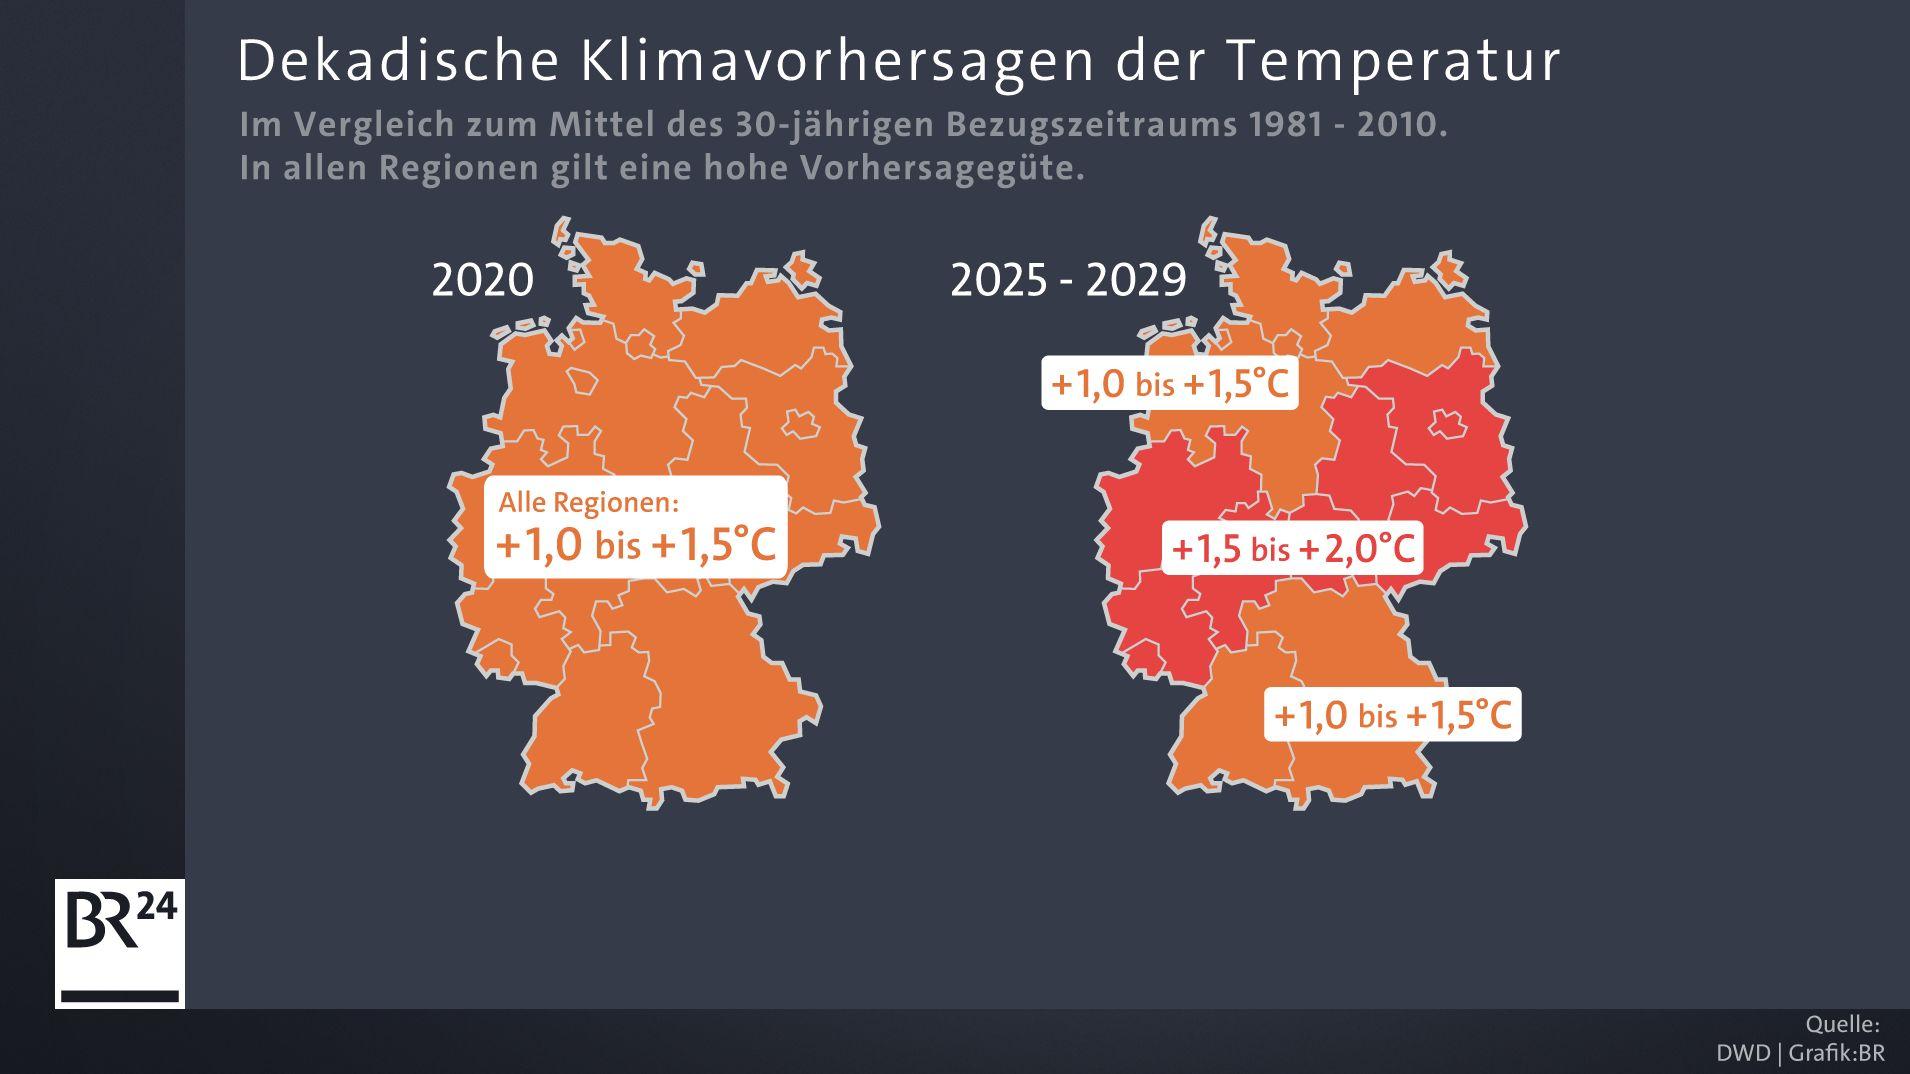 Der Deutsche Wetterdienst warnt: Es wird wärmer, dürrer und extremer.